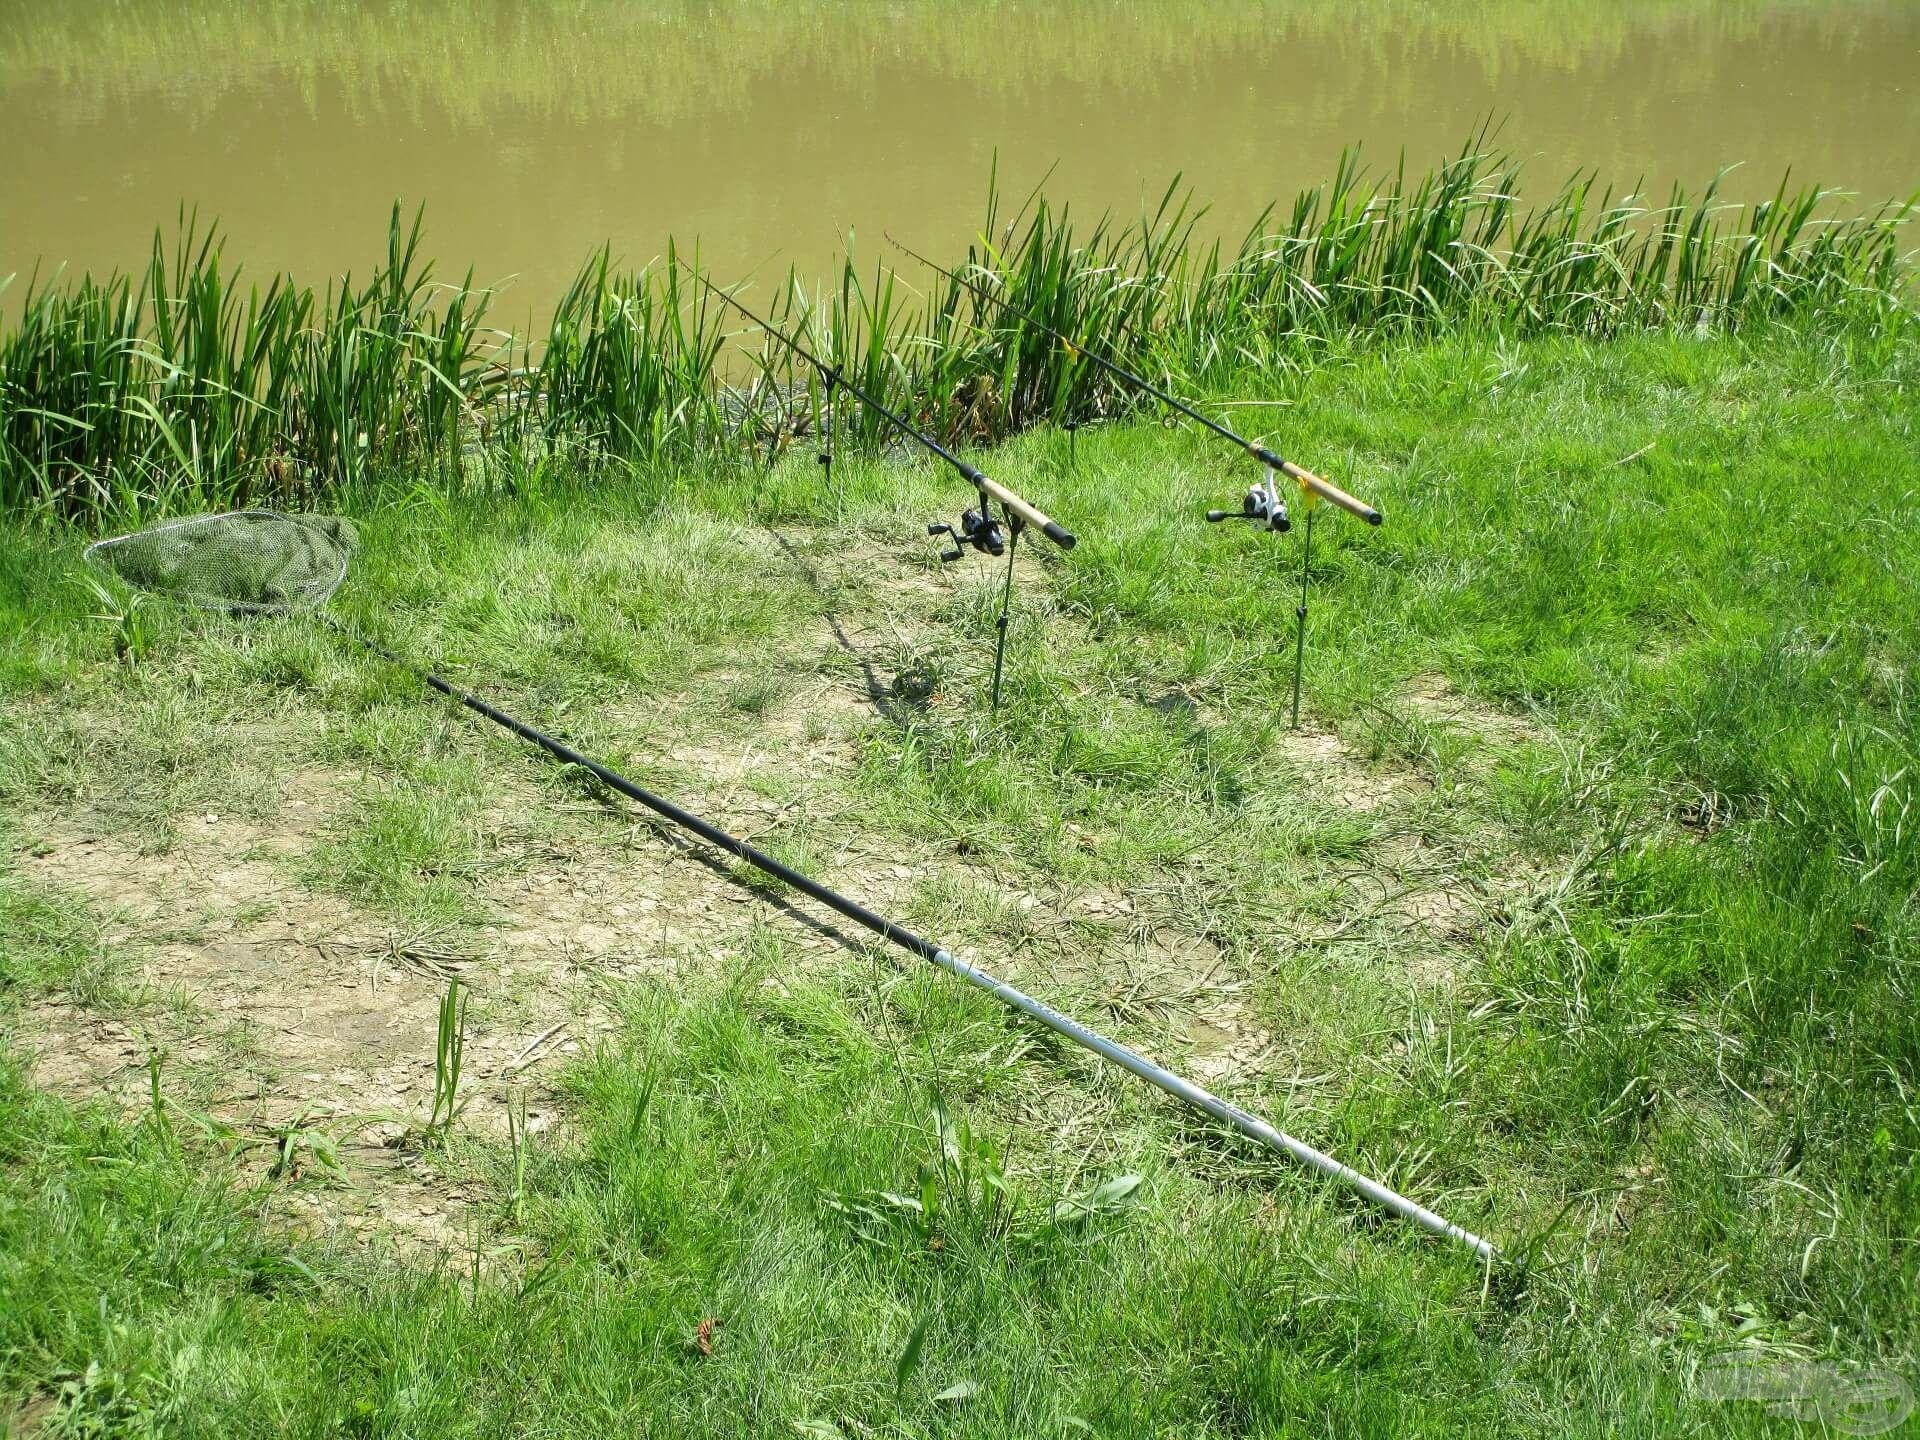 … nem messze a horgászállástól